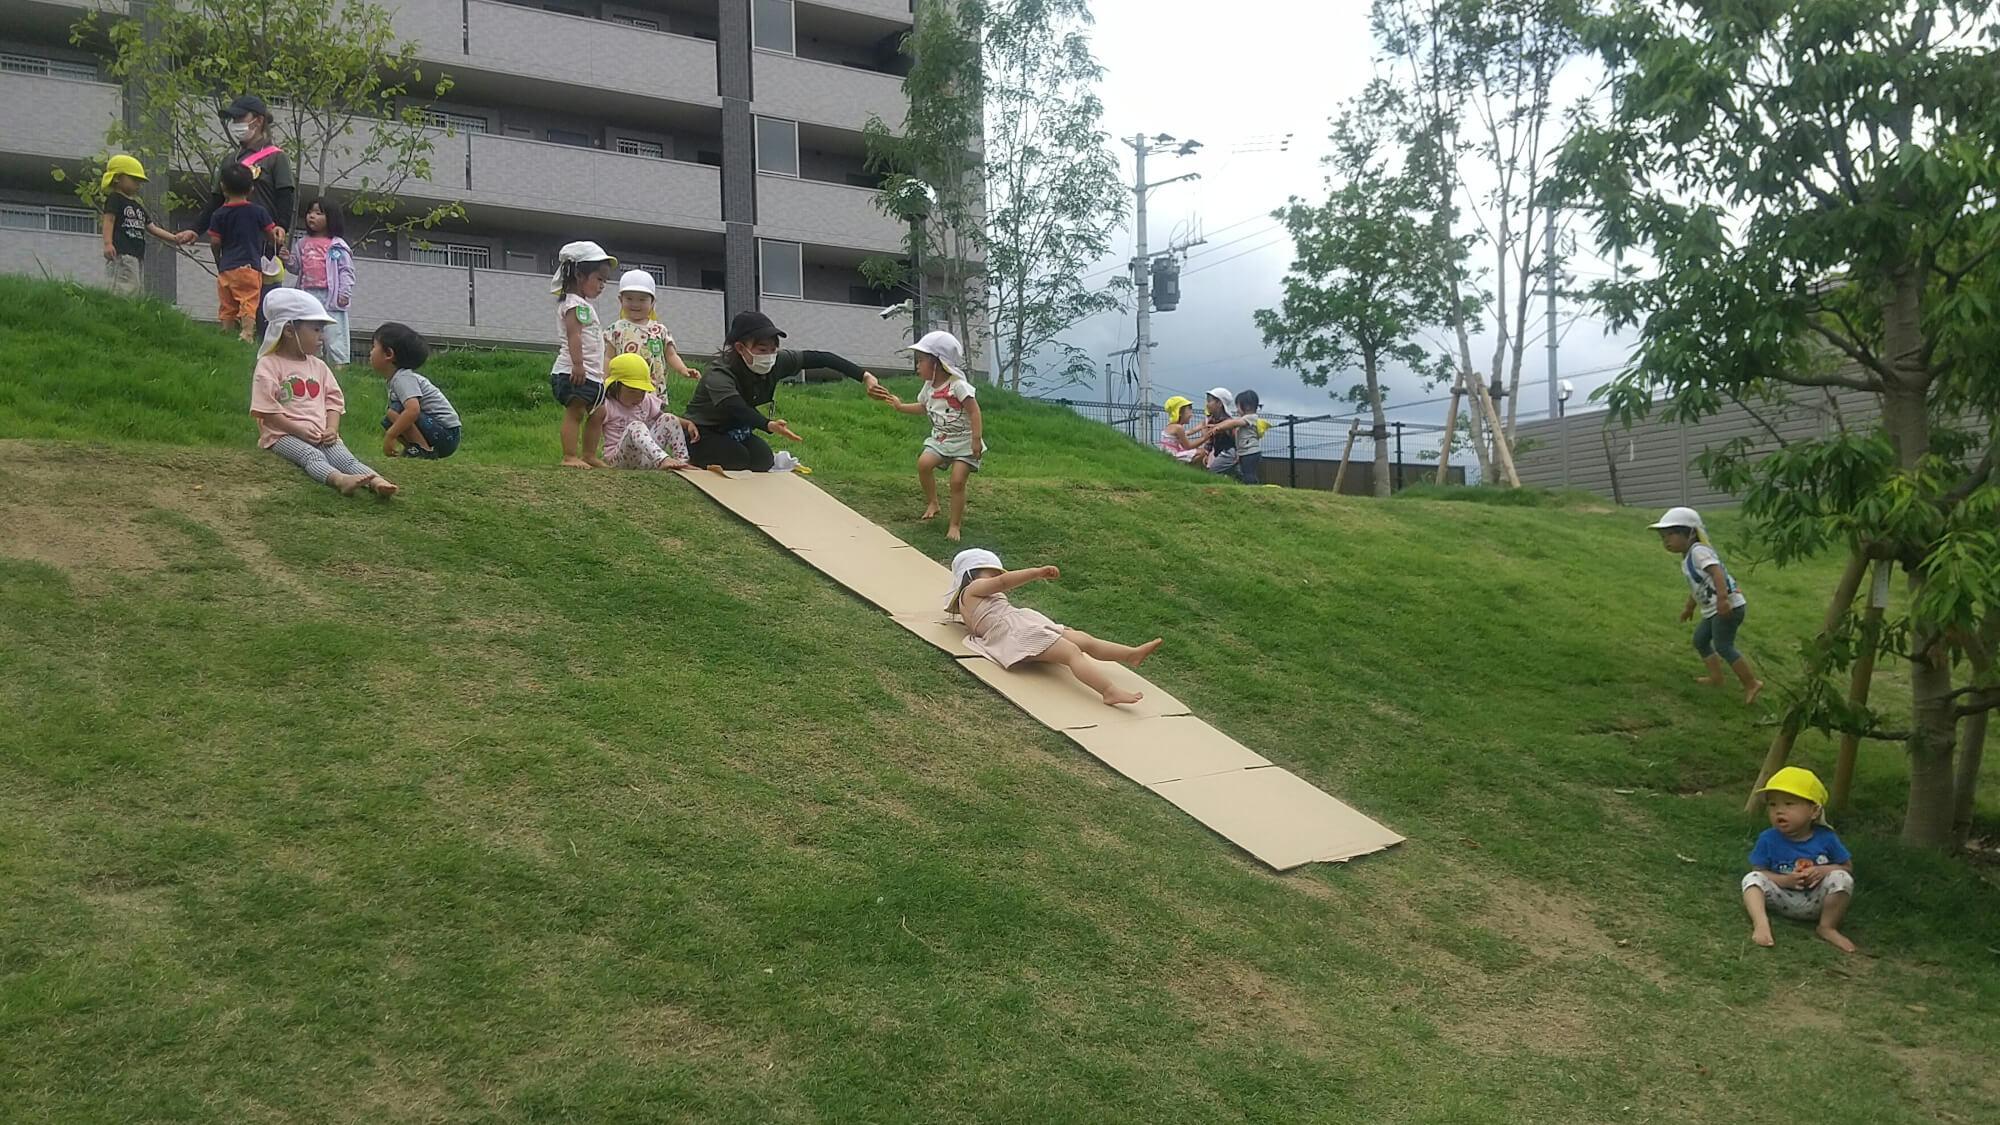 築山を滑り台にして遊ぶ子どもたち